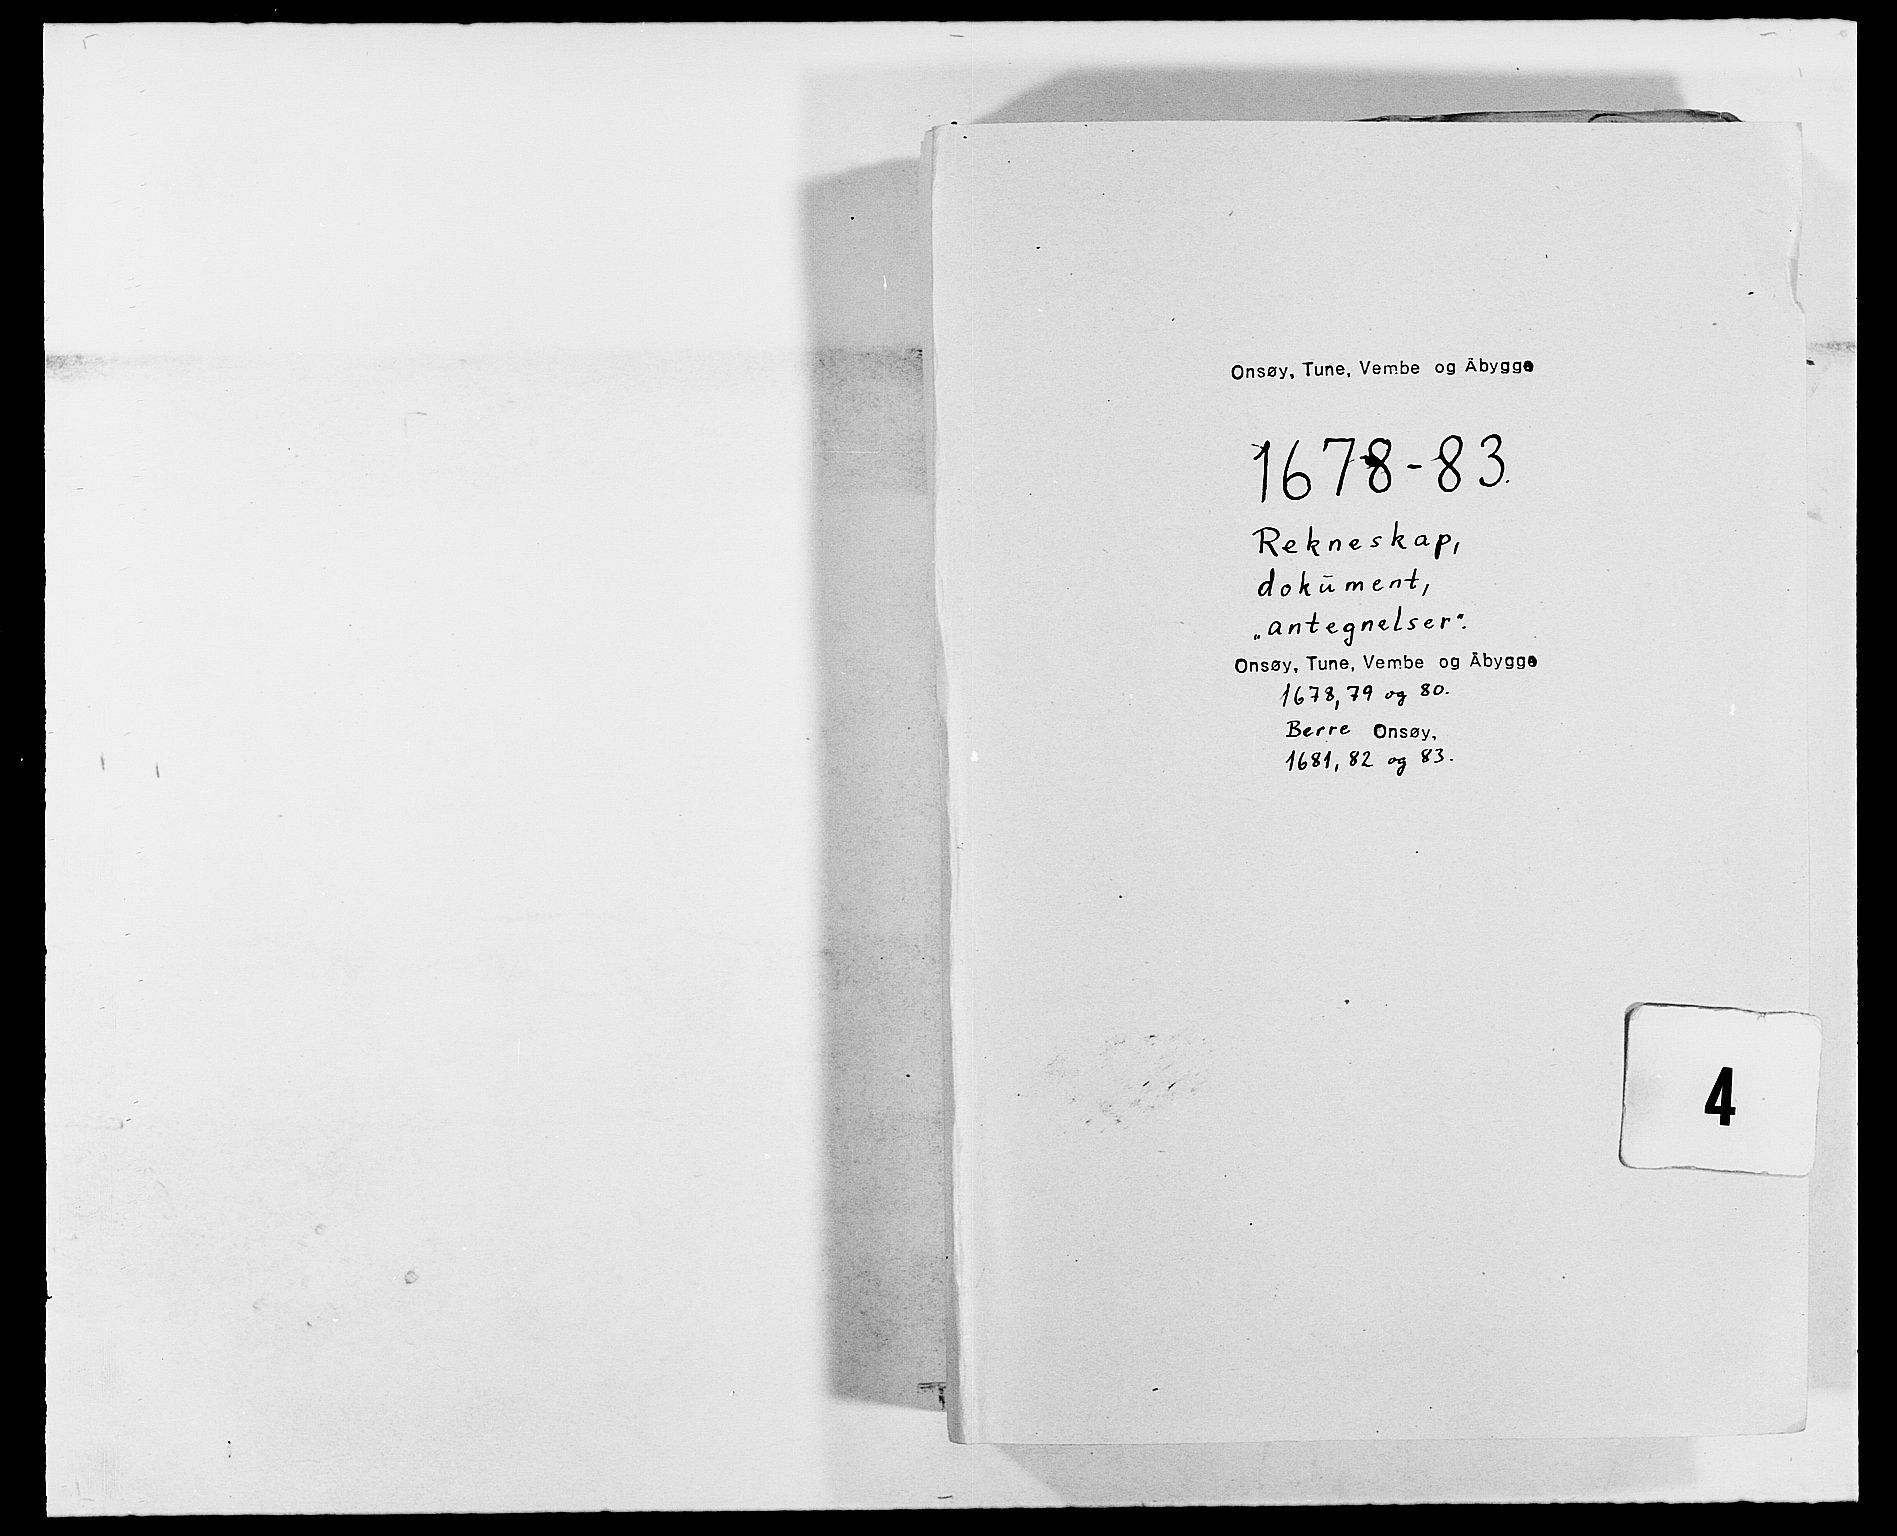 RA, Rentekammeret inntil 1814, Reviderte regnskaper, Fogderegnskap, R03/L0113: Fogderegnskap Onsøy, Tune, Veme og Åbygge fogderi, 1681-1683, s. 1